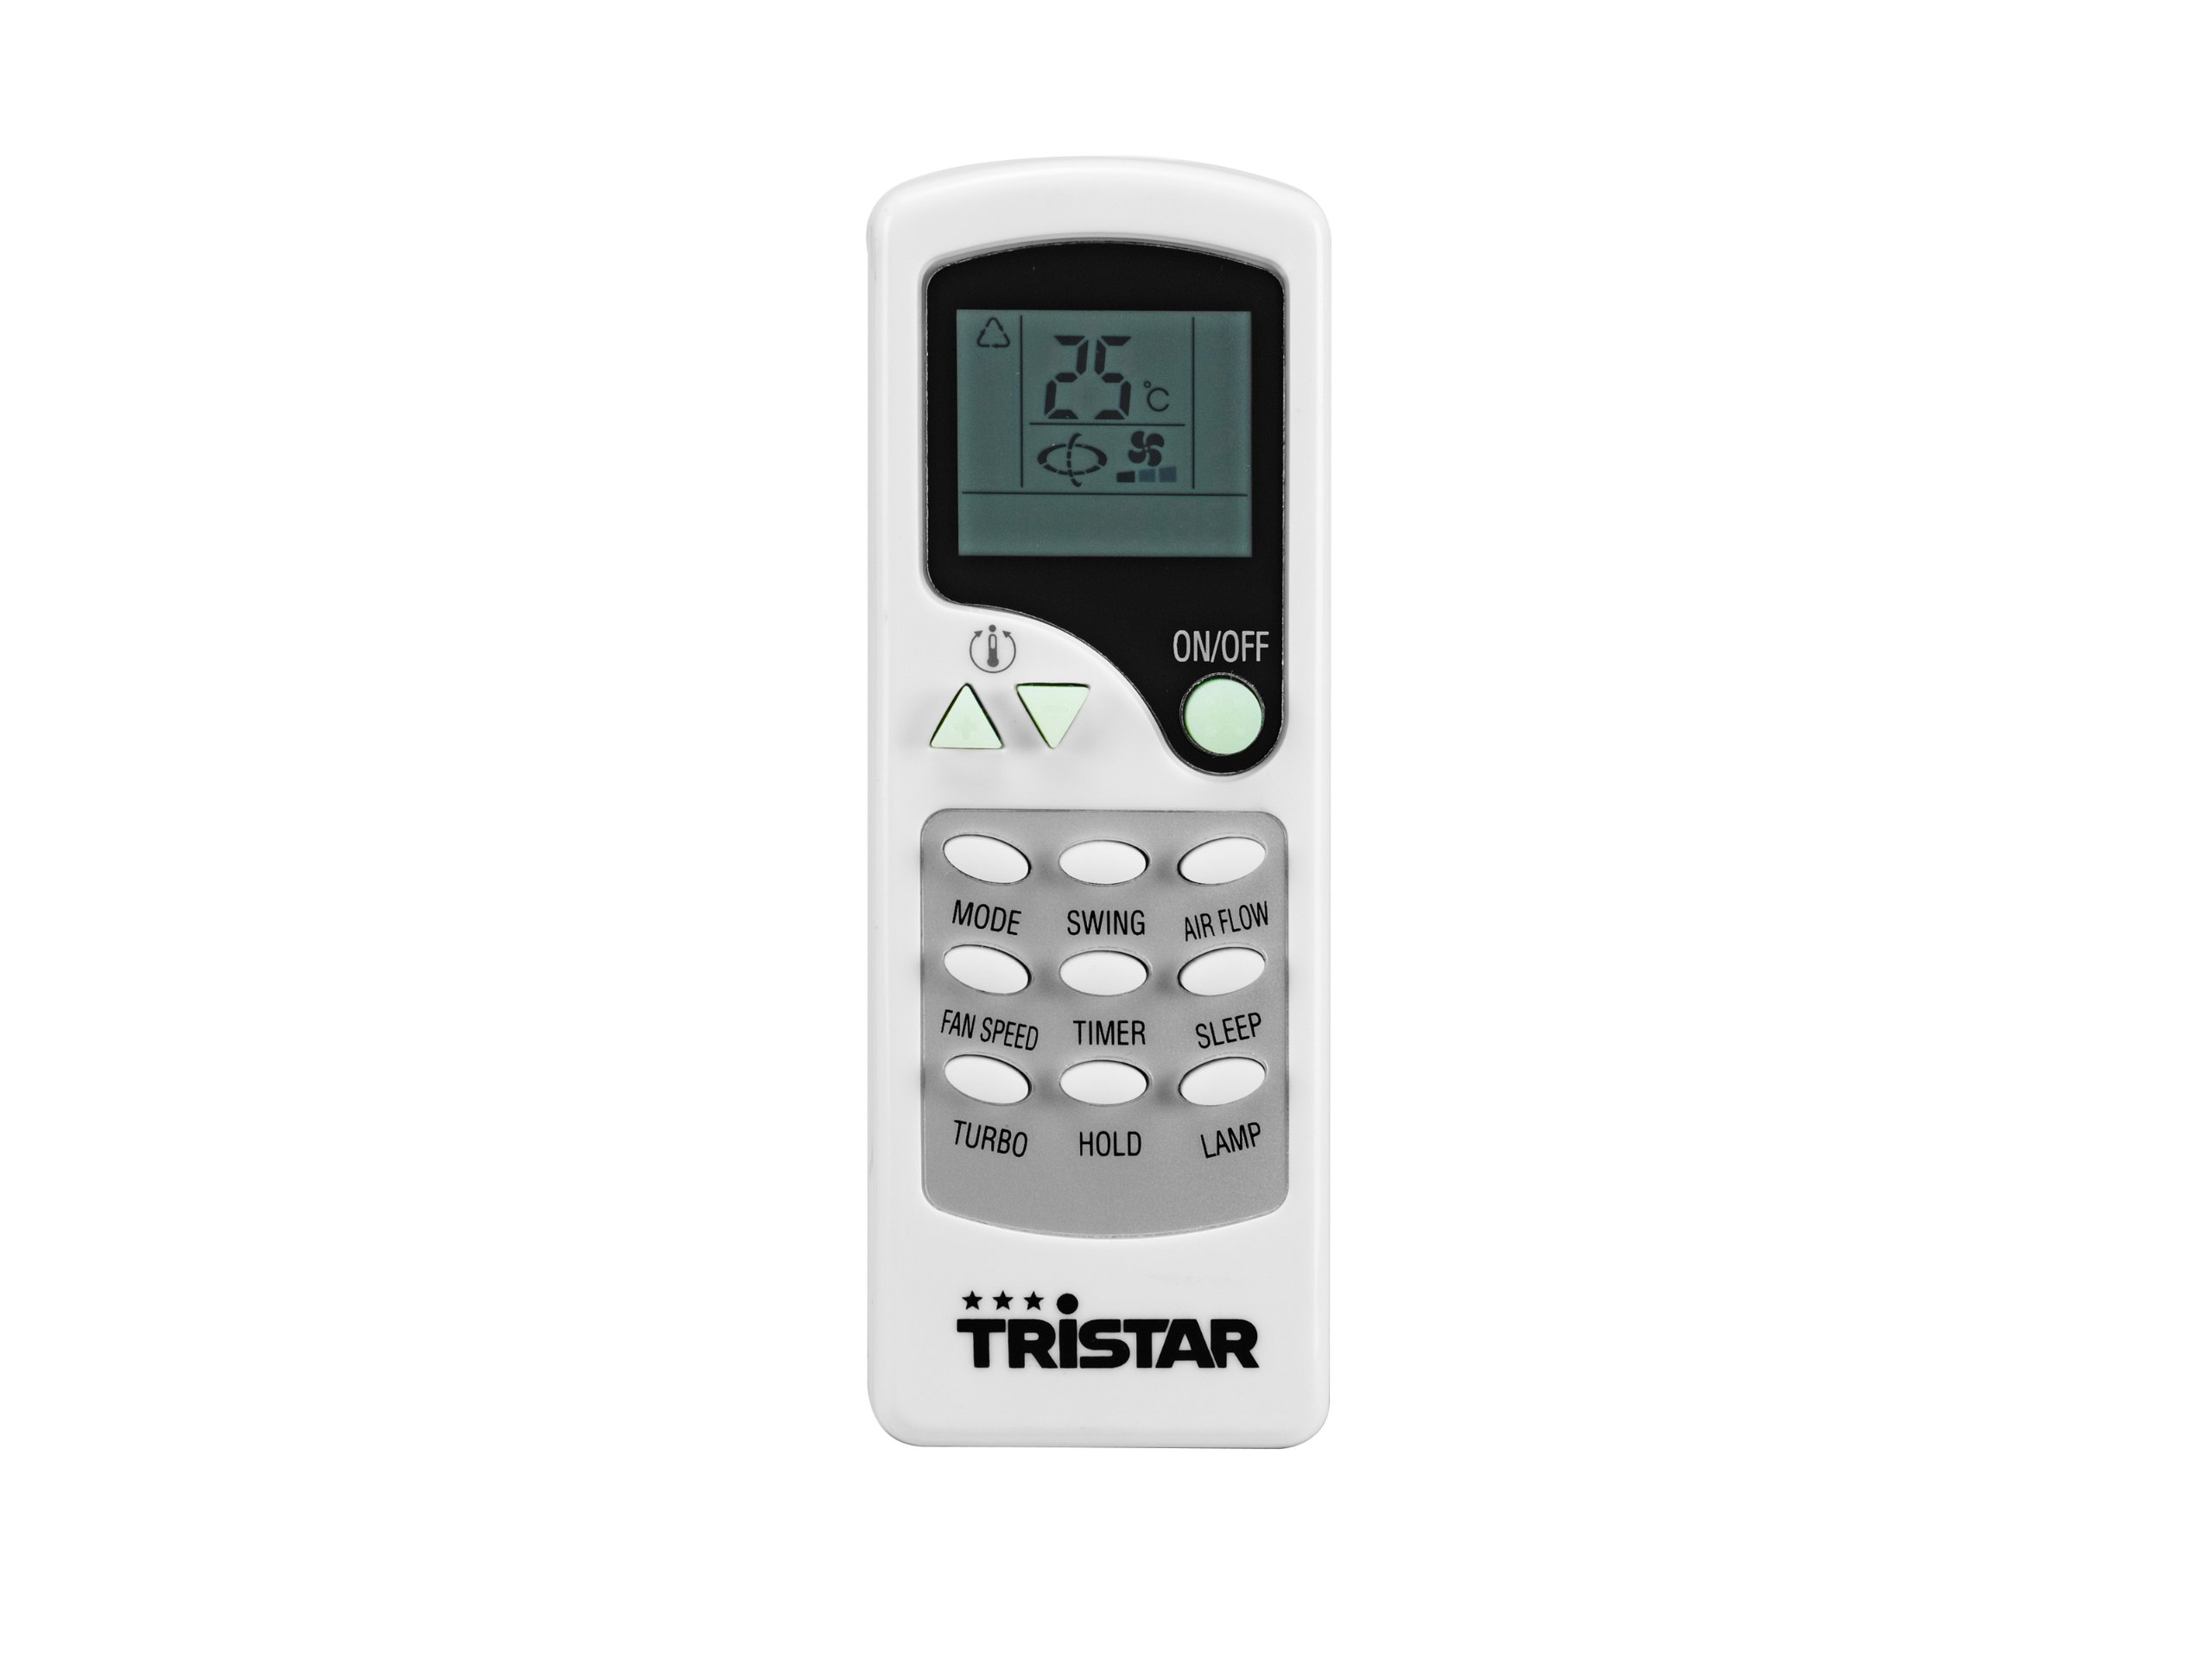 Tristar Klimagerät Inverter, weiß, AC-5406